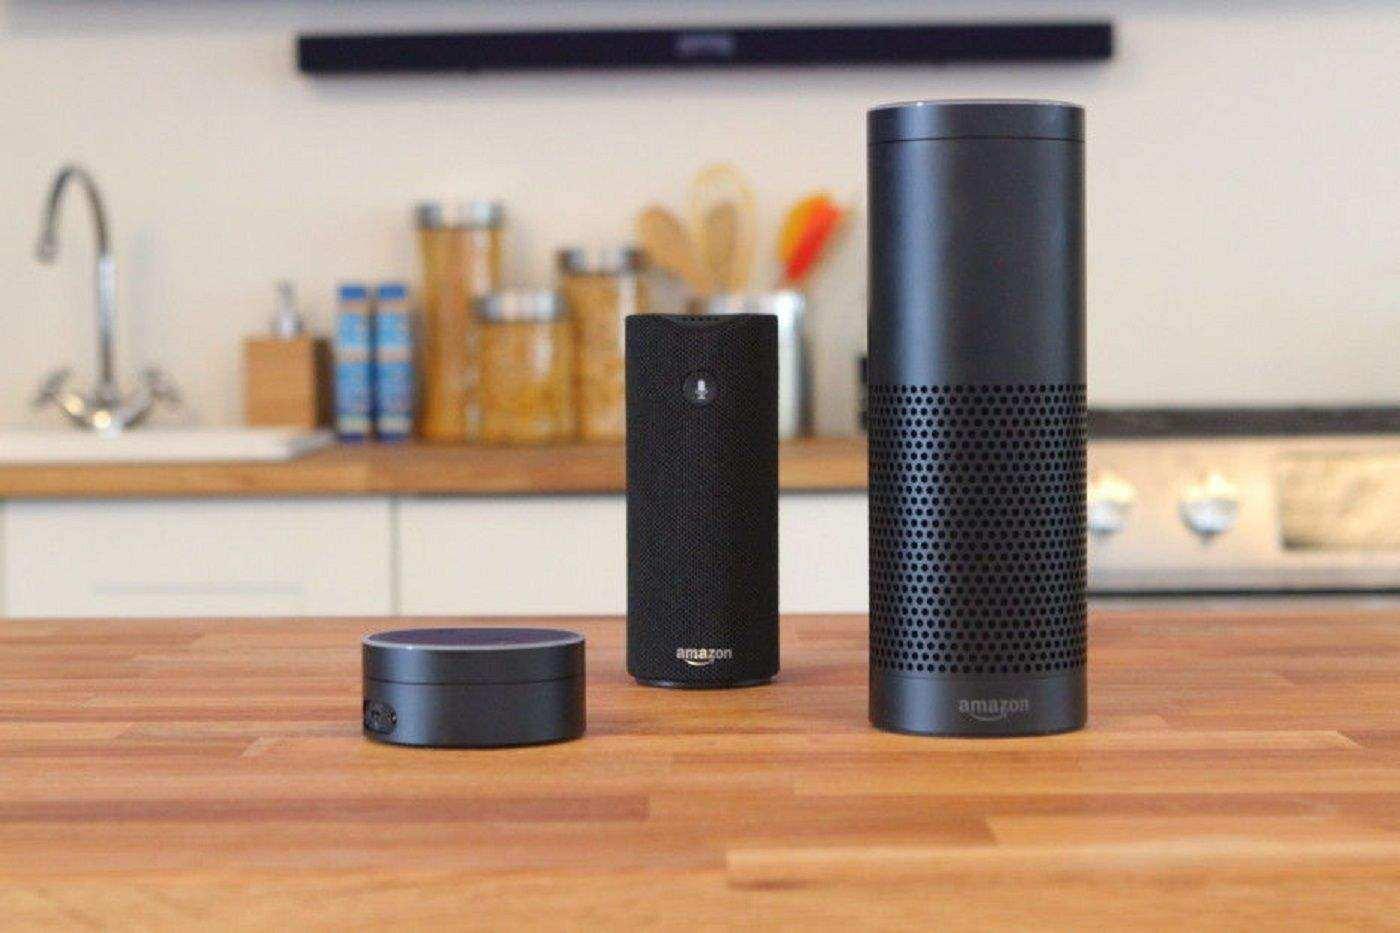 五年内智能家居设备需求或将超过手机